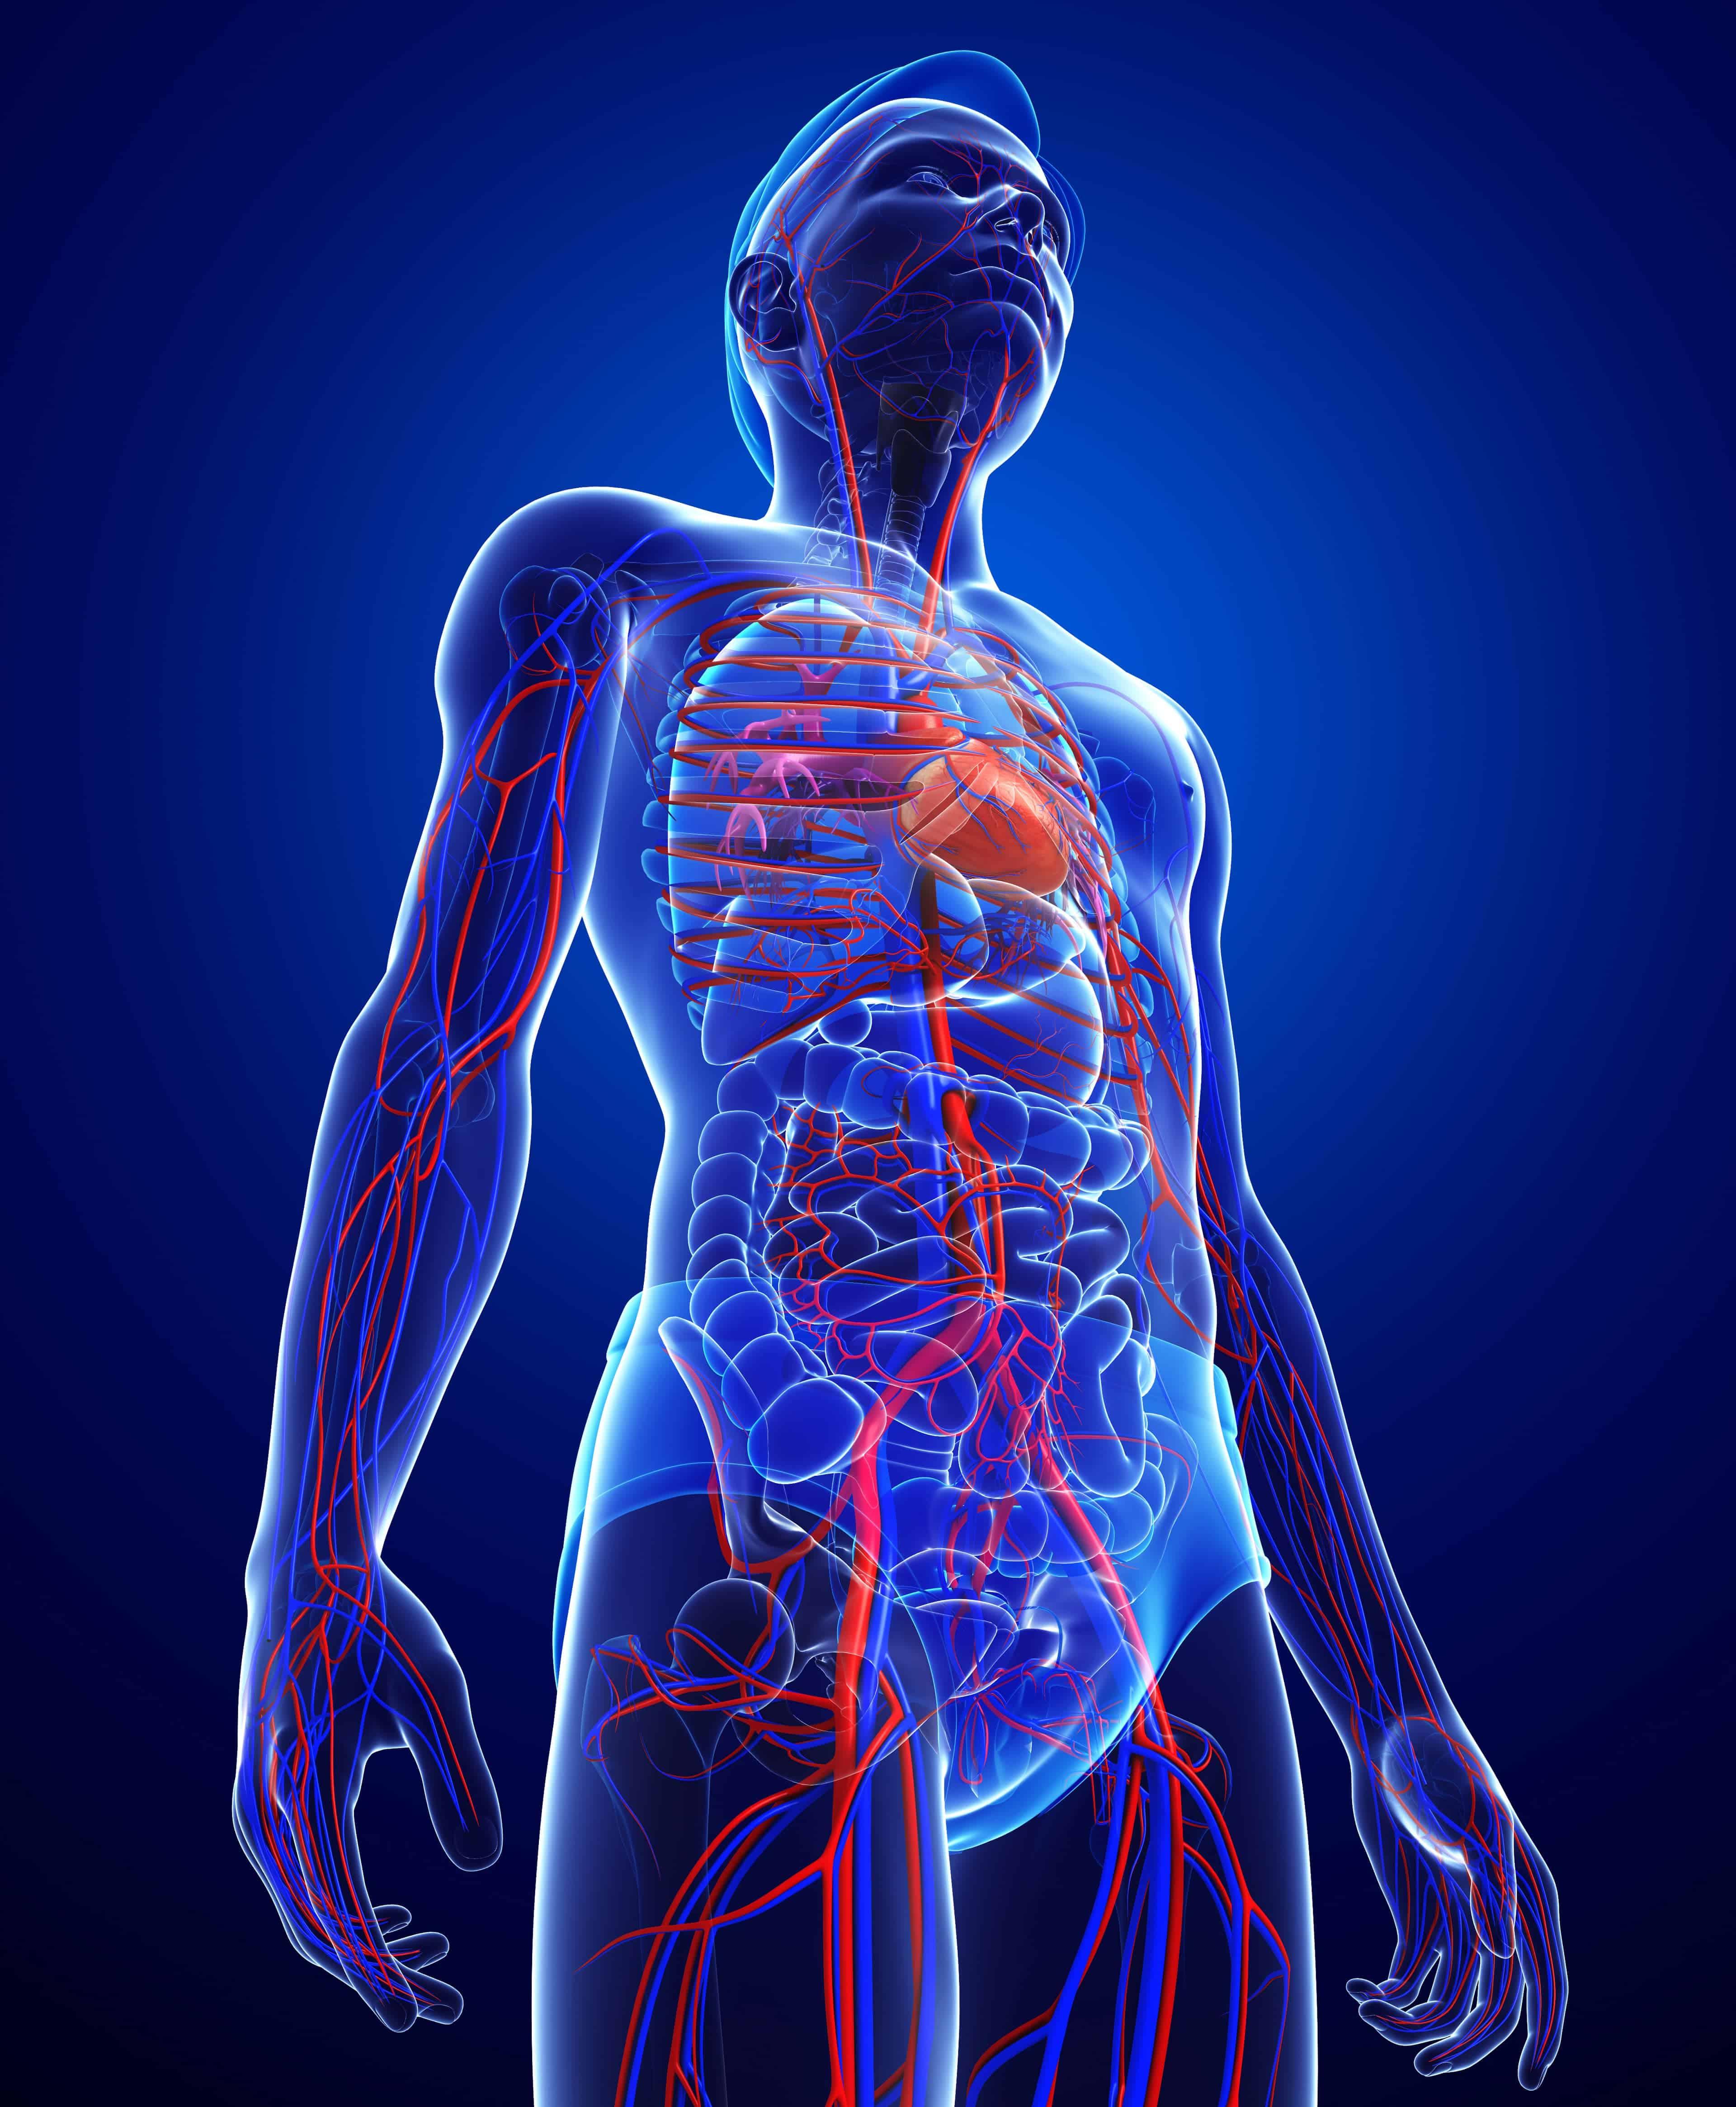 Choroby układu krążenia (nadciśnienie tętnicze, miażdżyca, niewydolność krążenia)